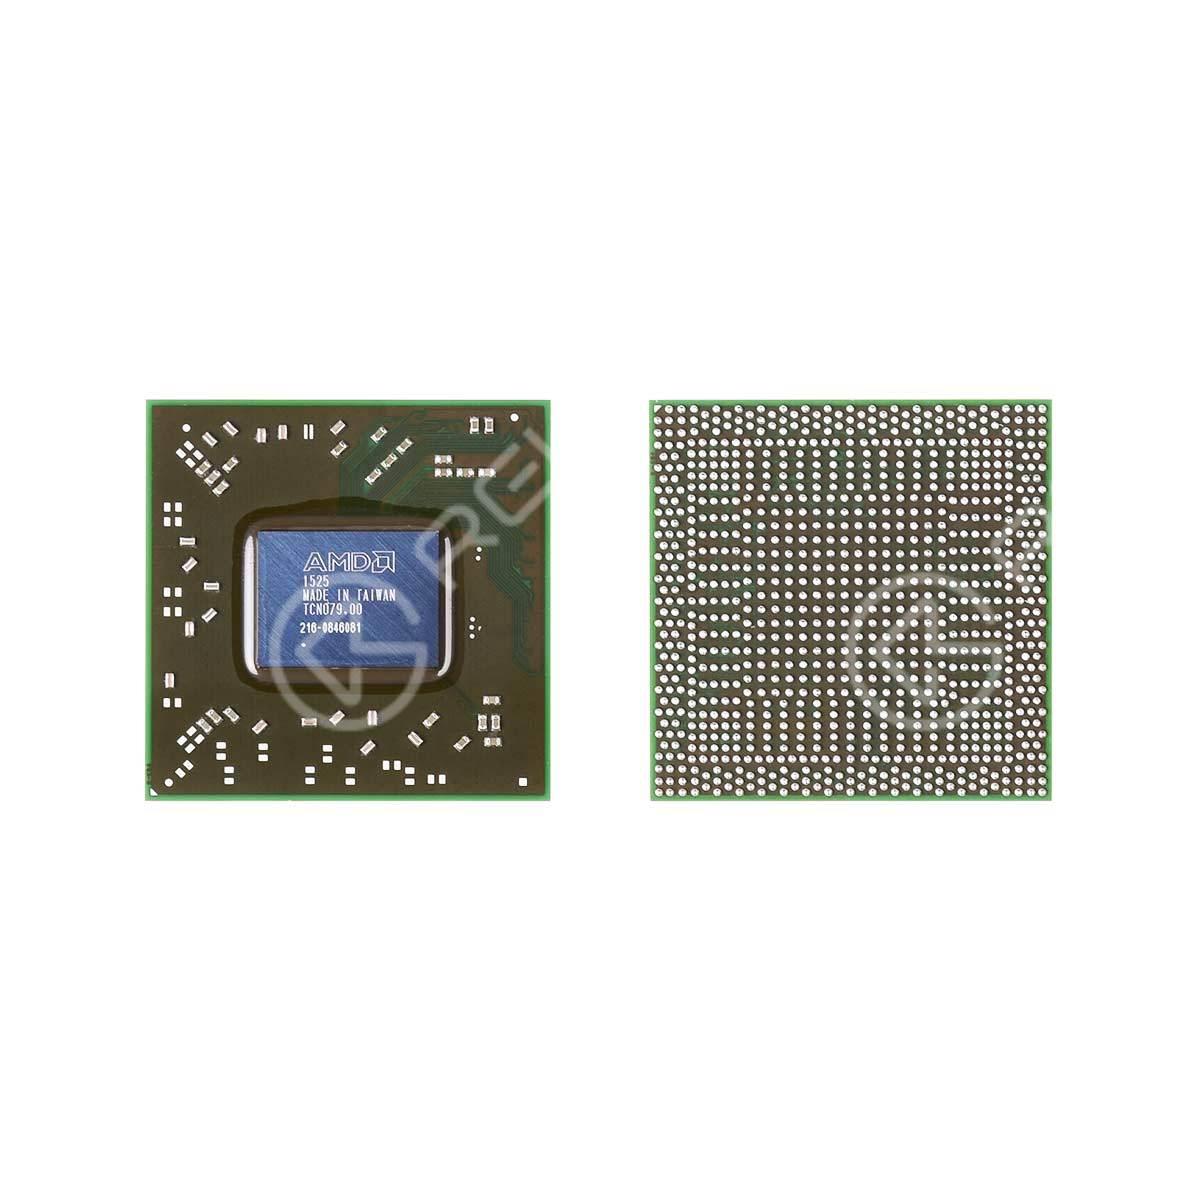 AMD GPU Graphic Chipset 216-0846081